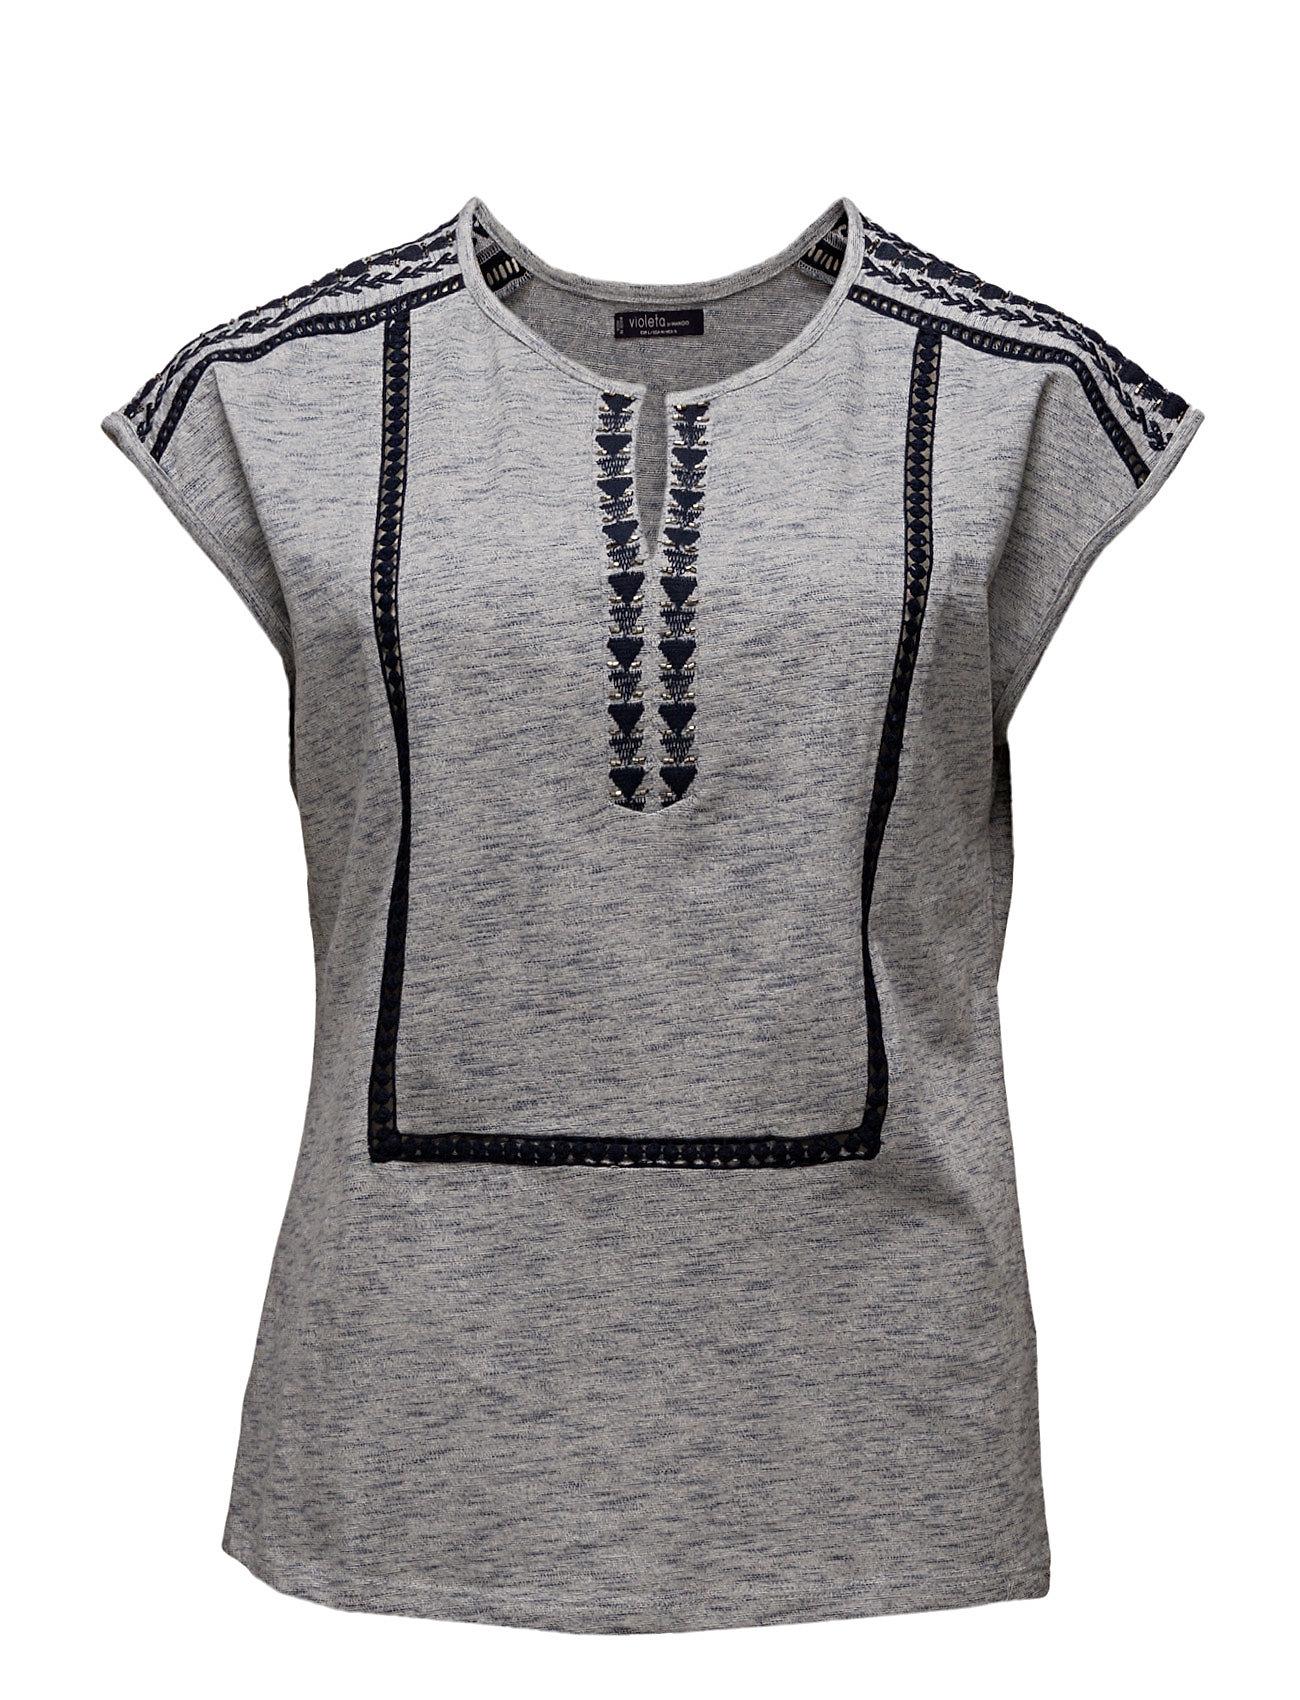 Embroidered Cotton Shirt Violeta by Mango Kortærmede til Damer i Mellem grå